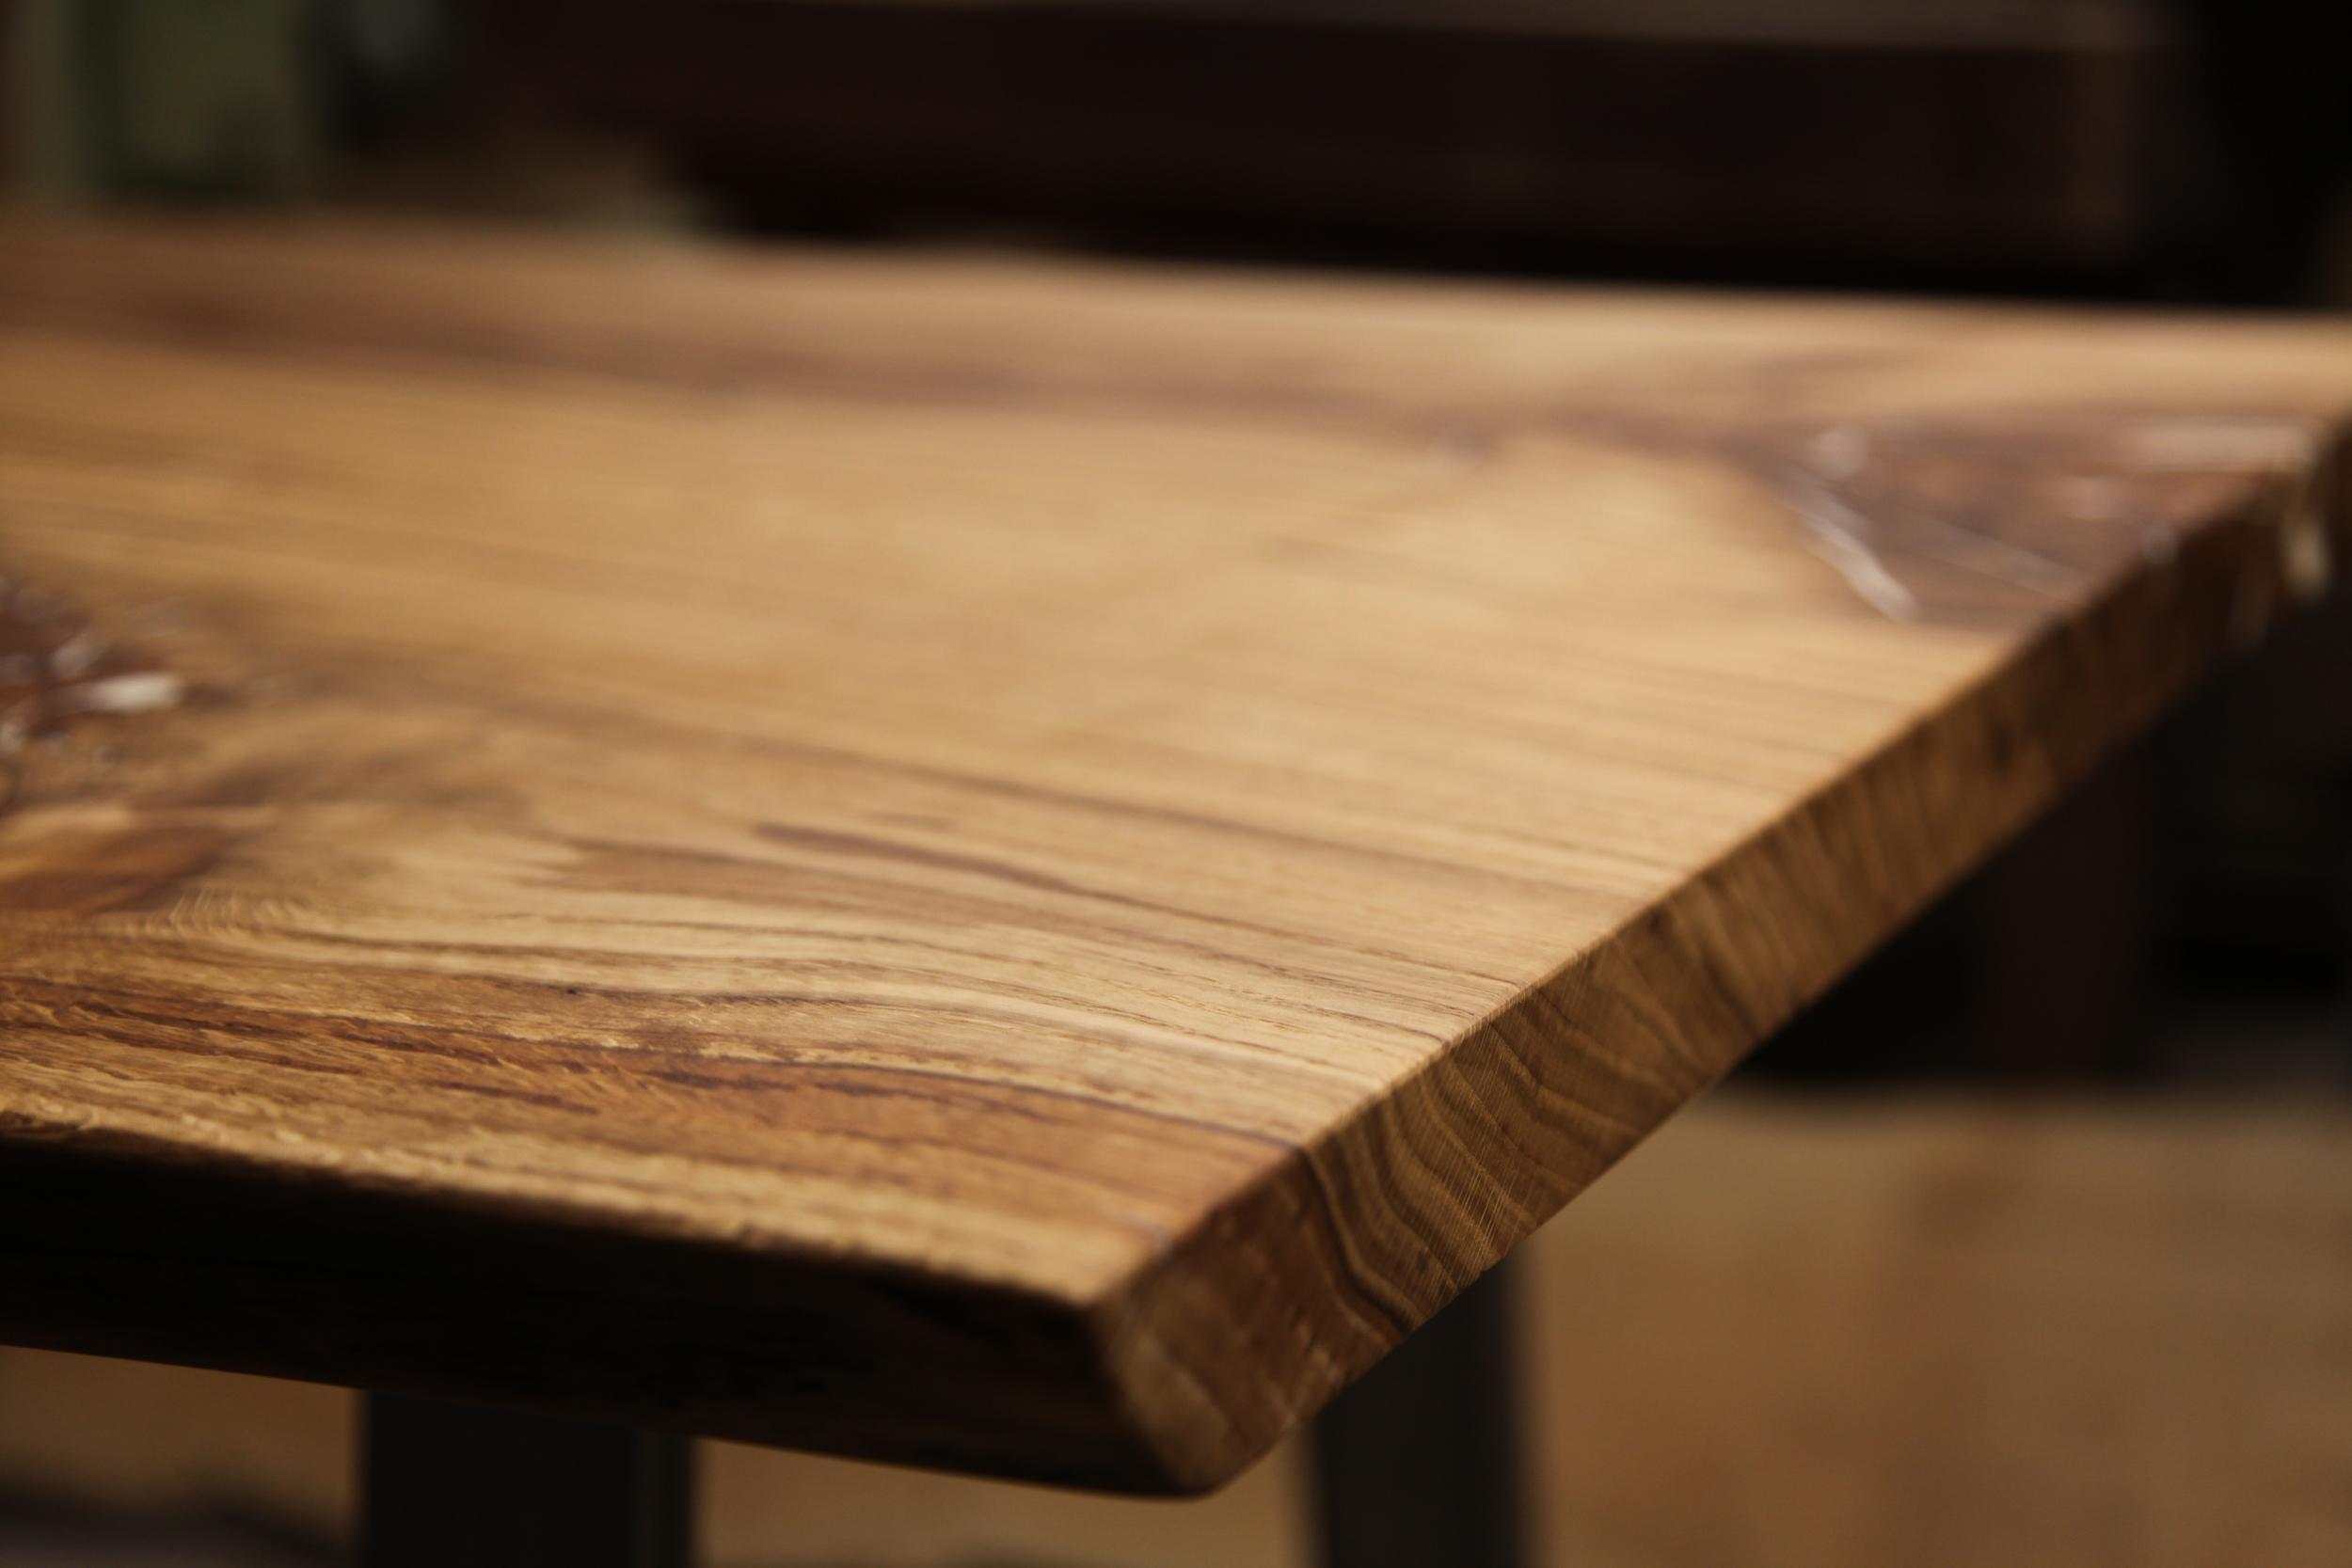 Schreibtisch aus einer durchgehenden Eichenplatte mit Baumkante;die Astlöcher sind mit fluoreszierendem Material gefüllt.